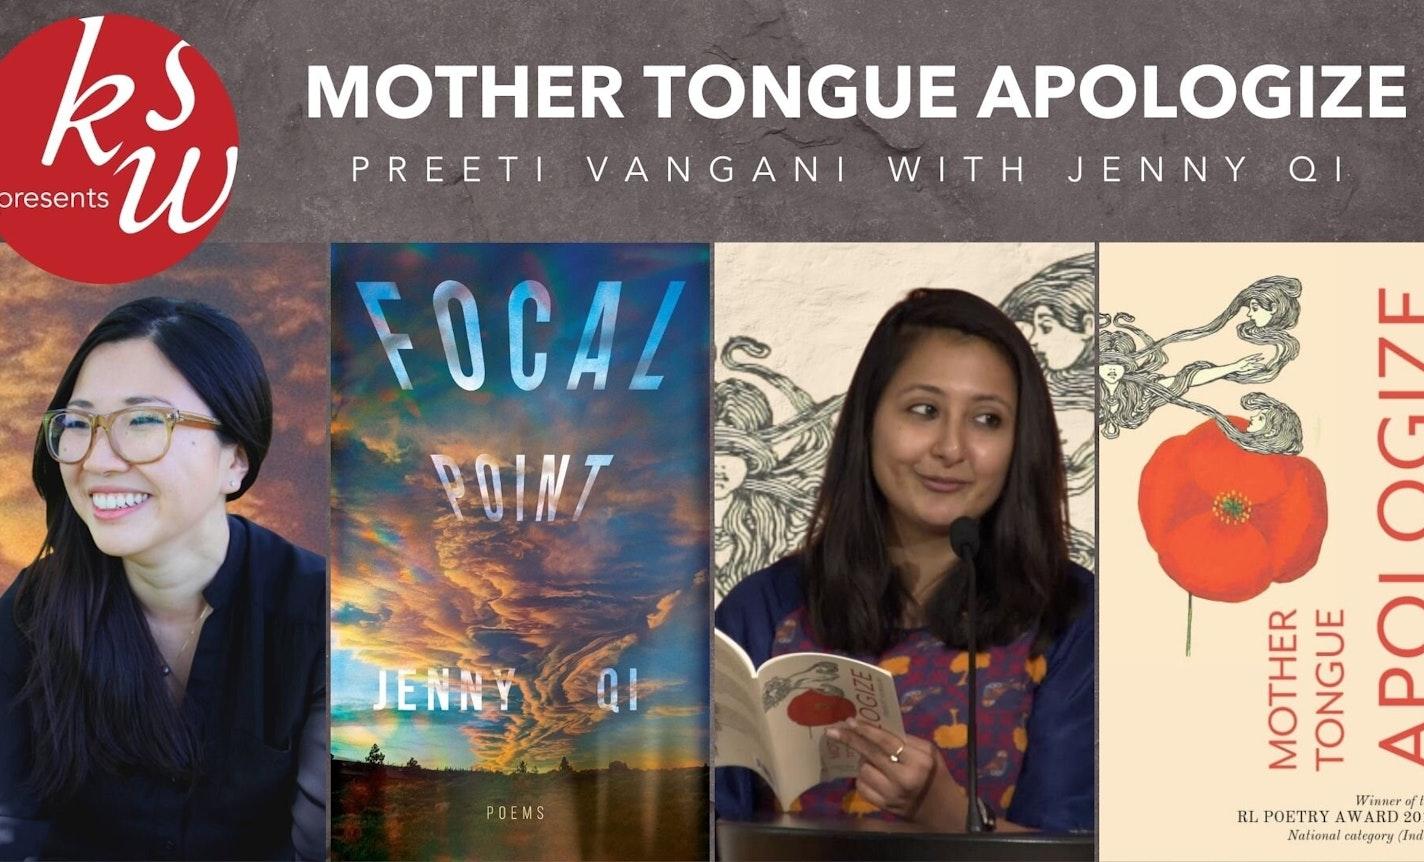 KSW Presents Preeti Vangani with Jenny Qi